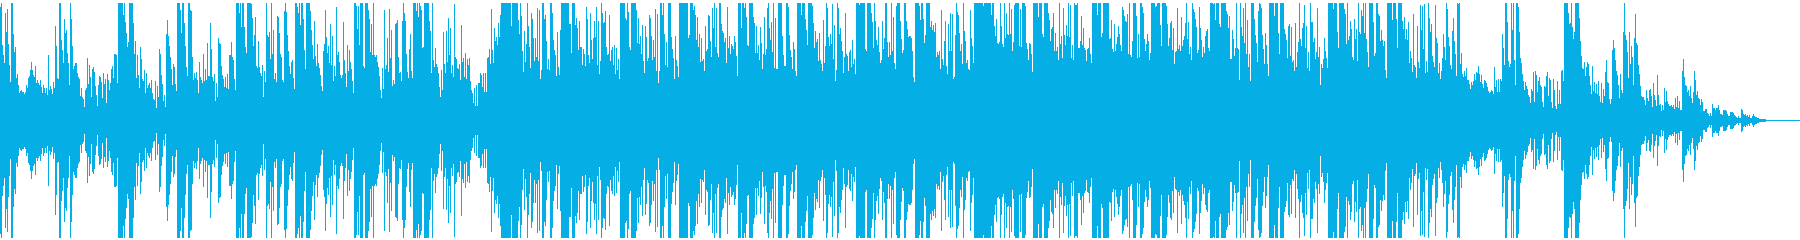 和風 決闘に合うBGMの再生済みの波形